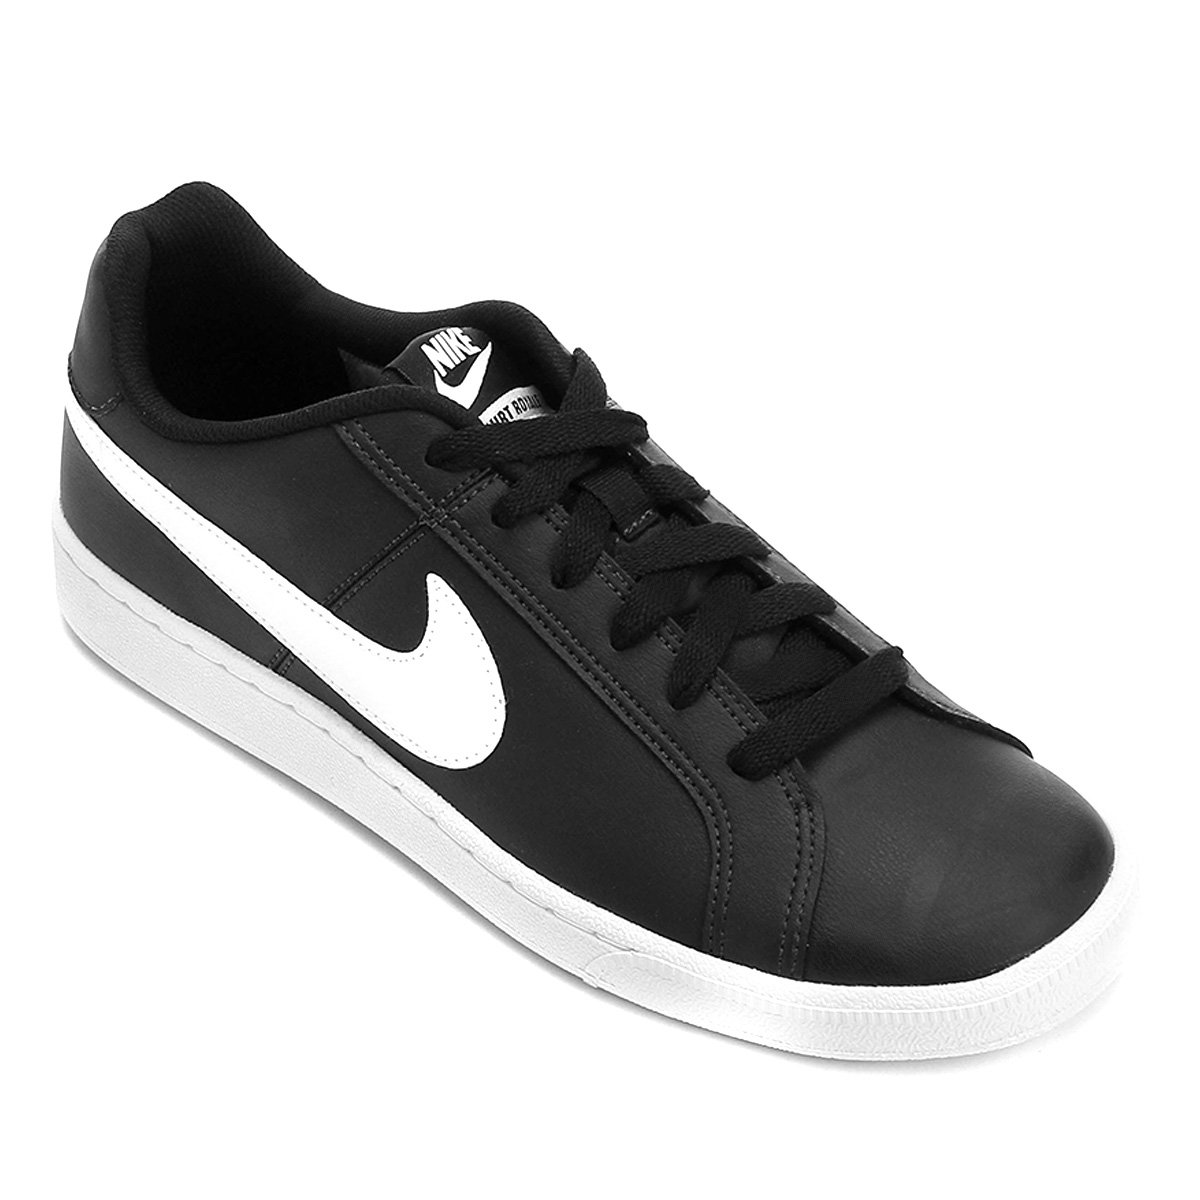 592c8fc04a Tênis Couro Nike Court Royale Masculino - Preto e Branco - Compre ...